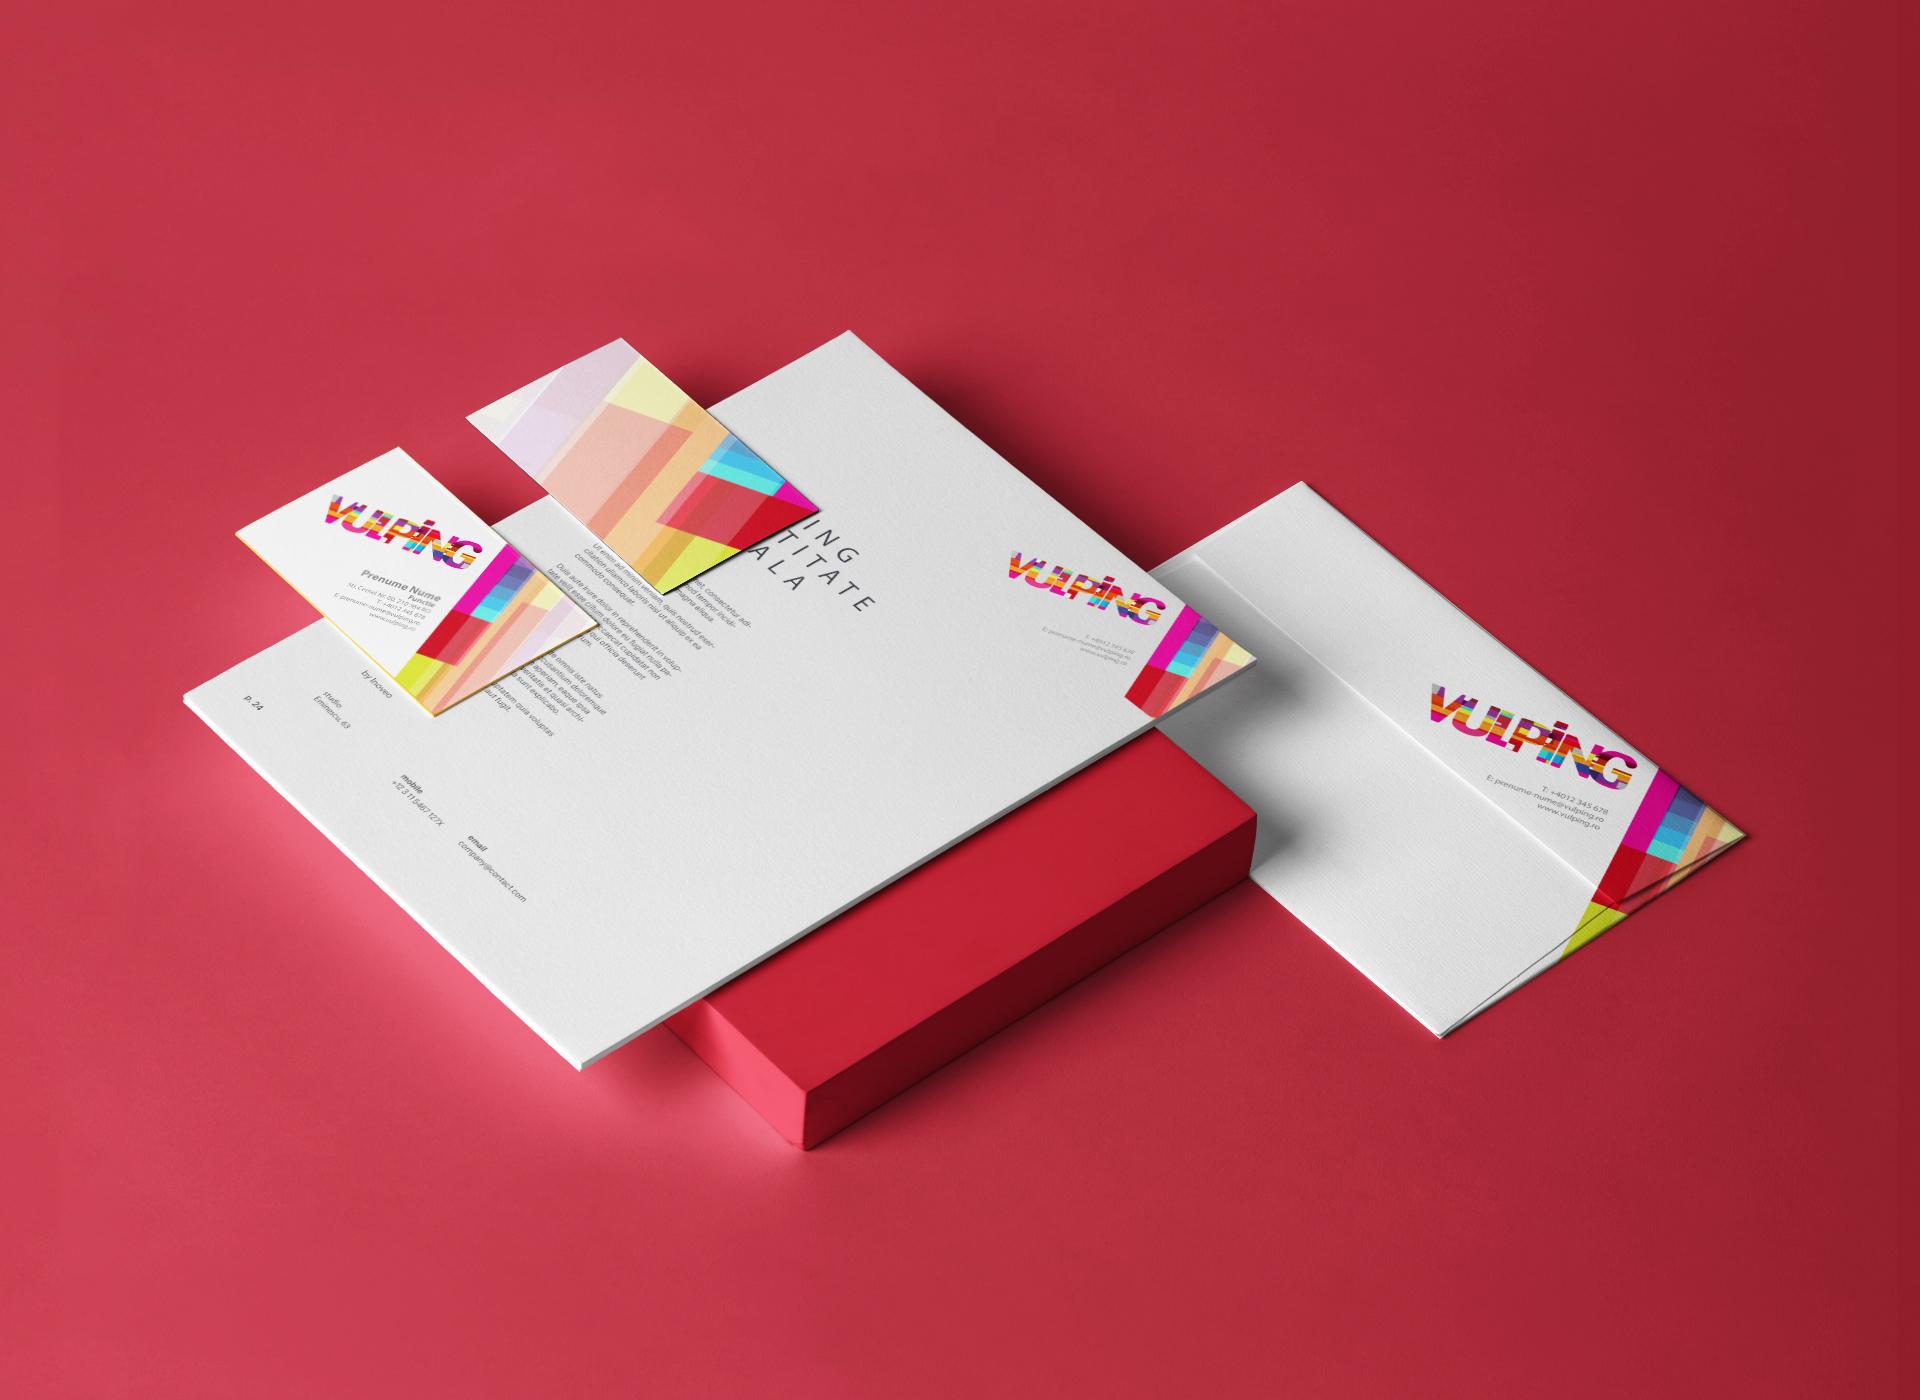 vulping branding by inoveo stationery